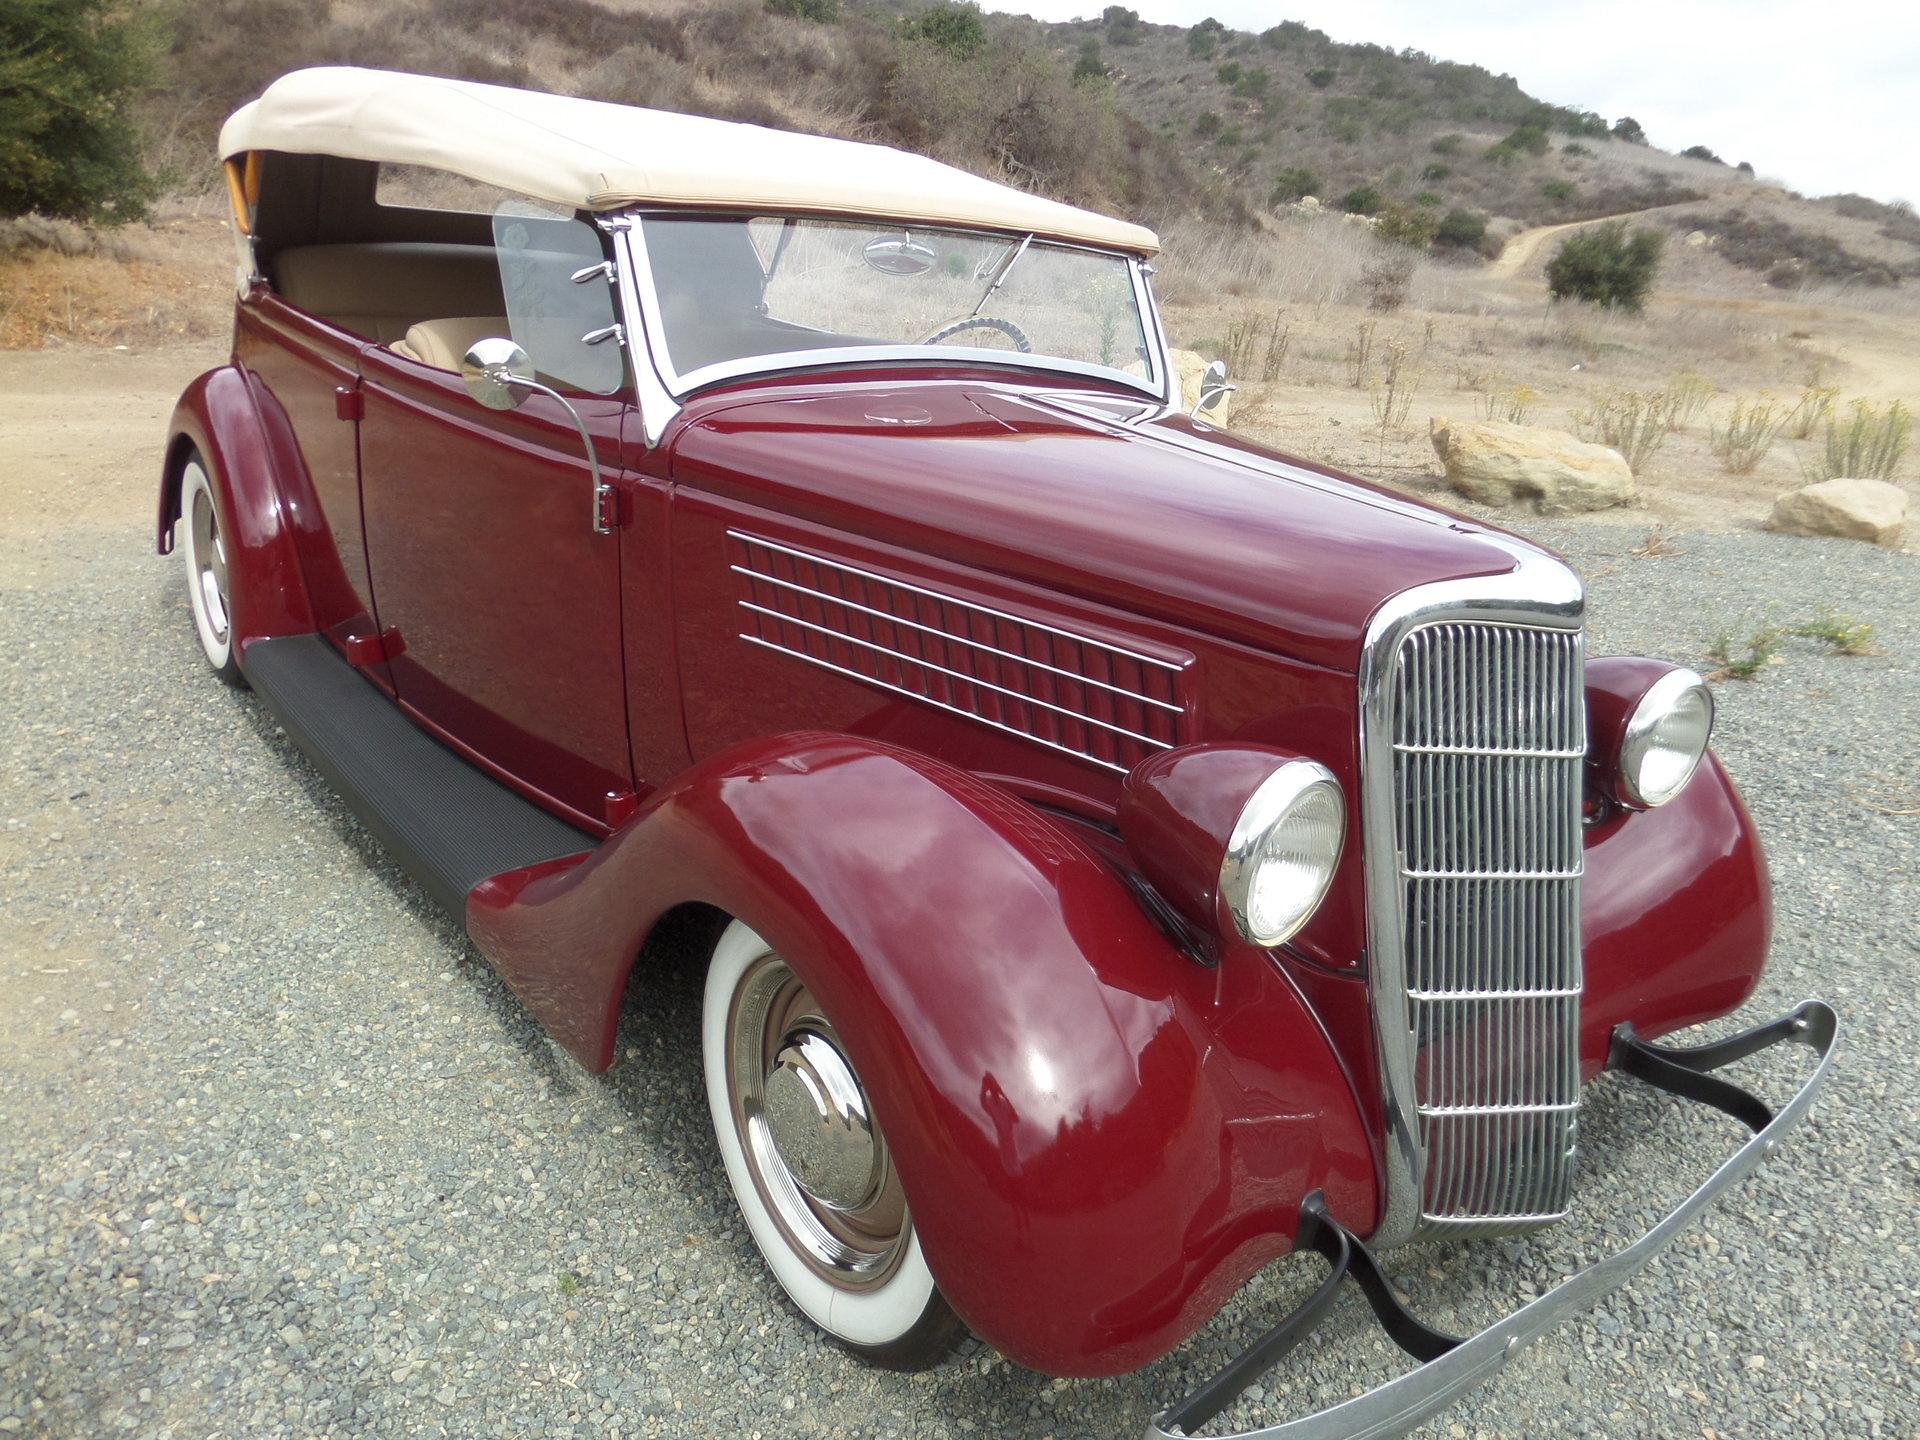 98806bdf4c27 hd 1935 ford phaeton